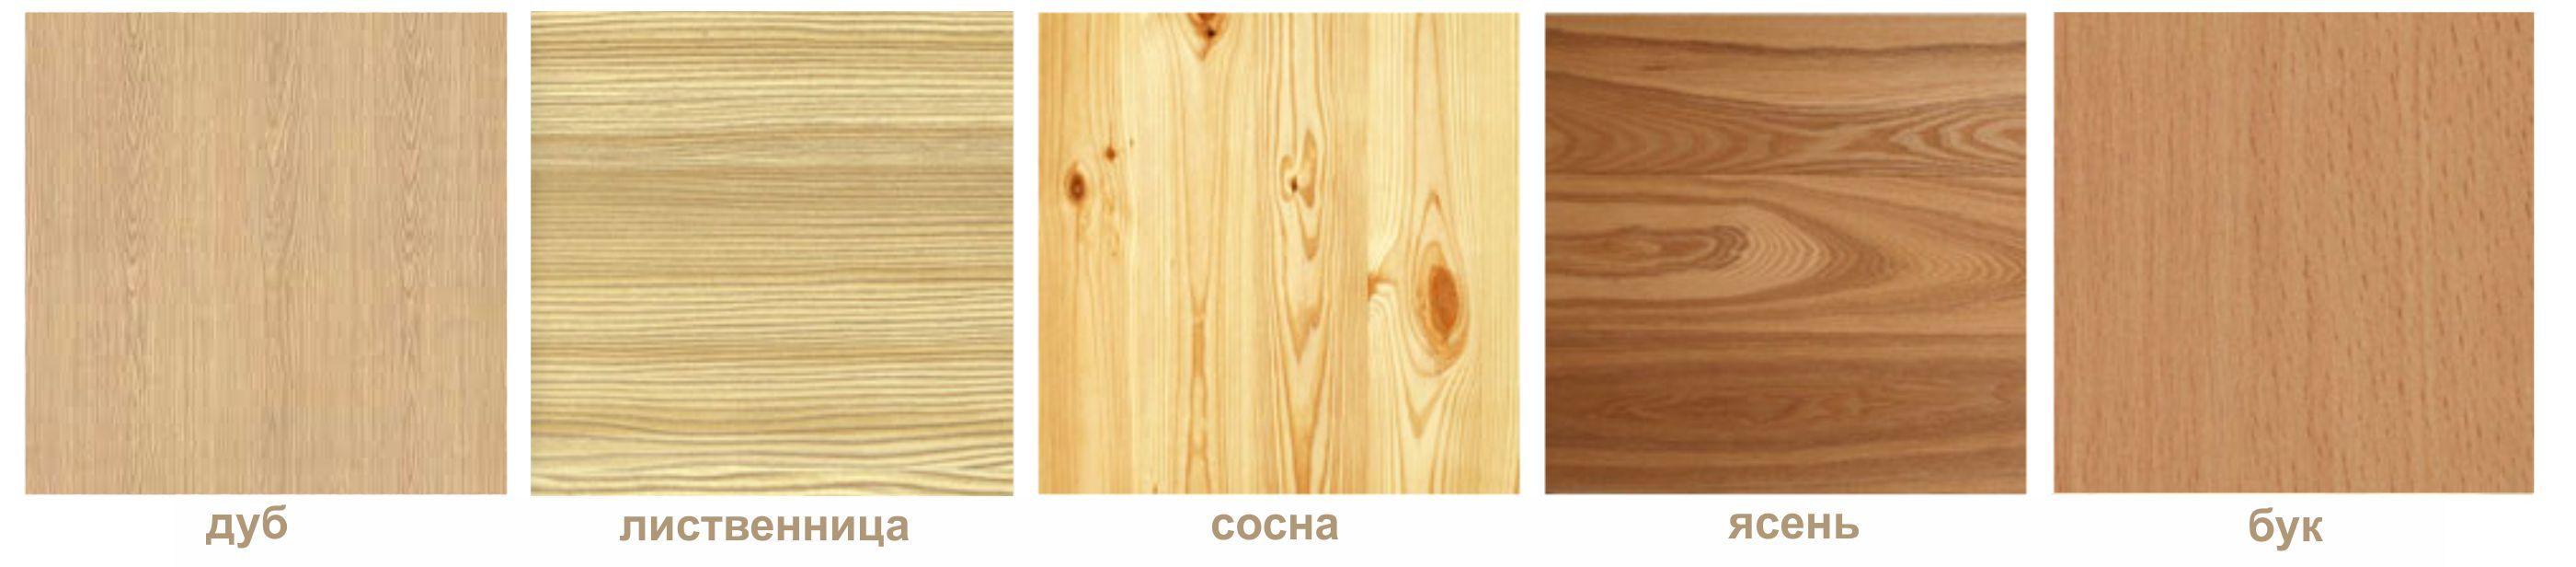 Оттенки и текстура различных пород древесины